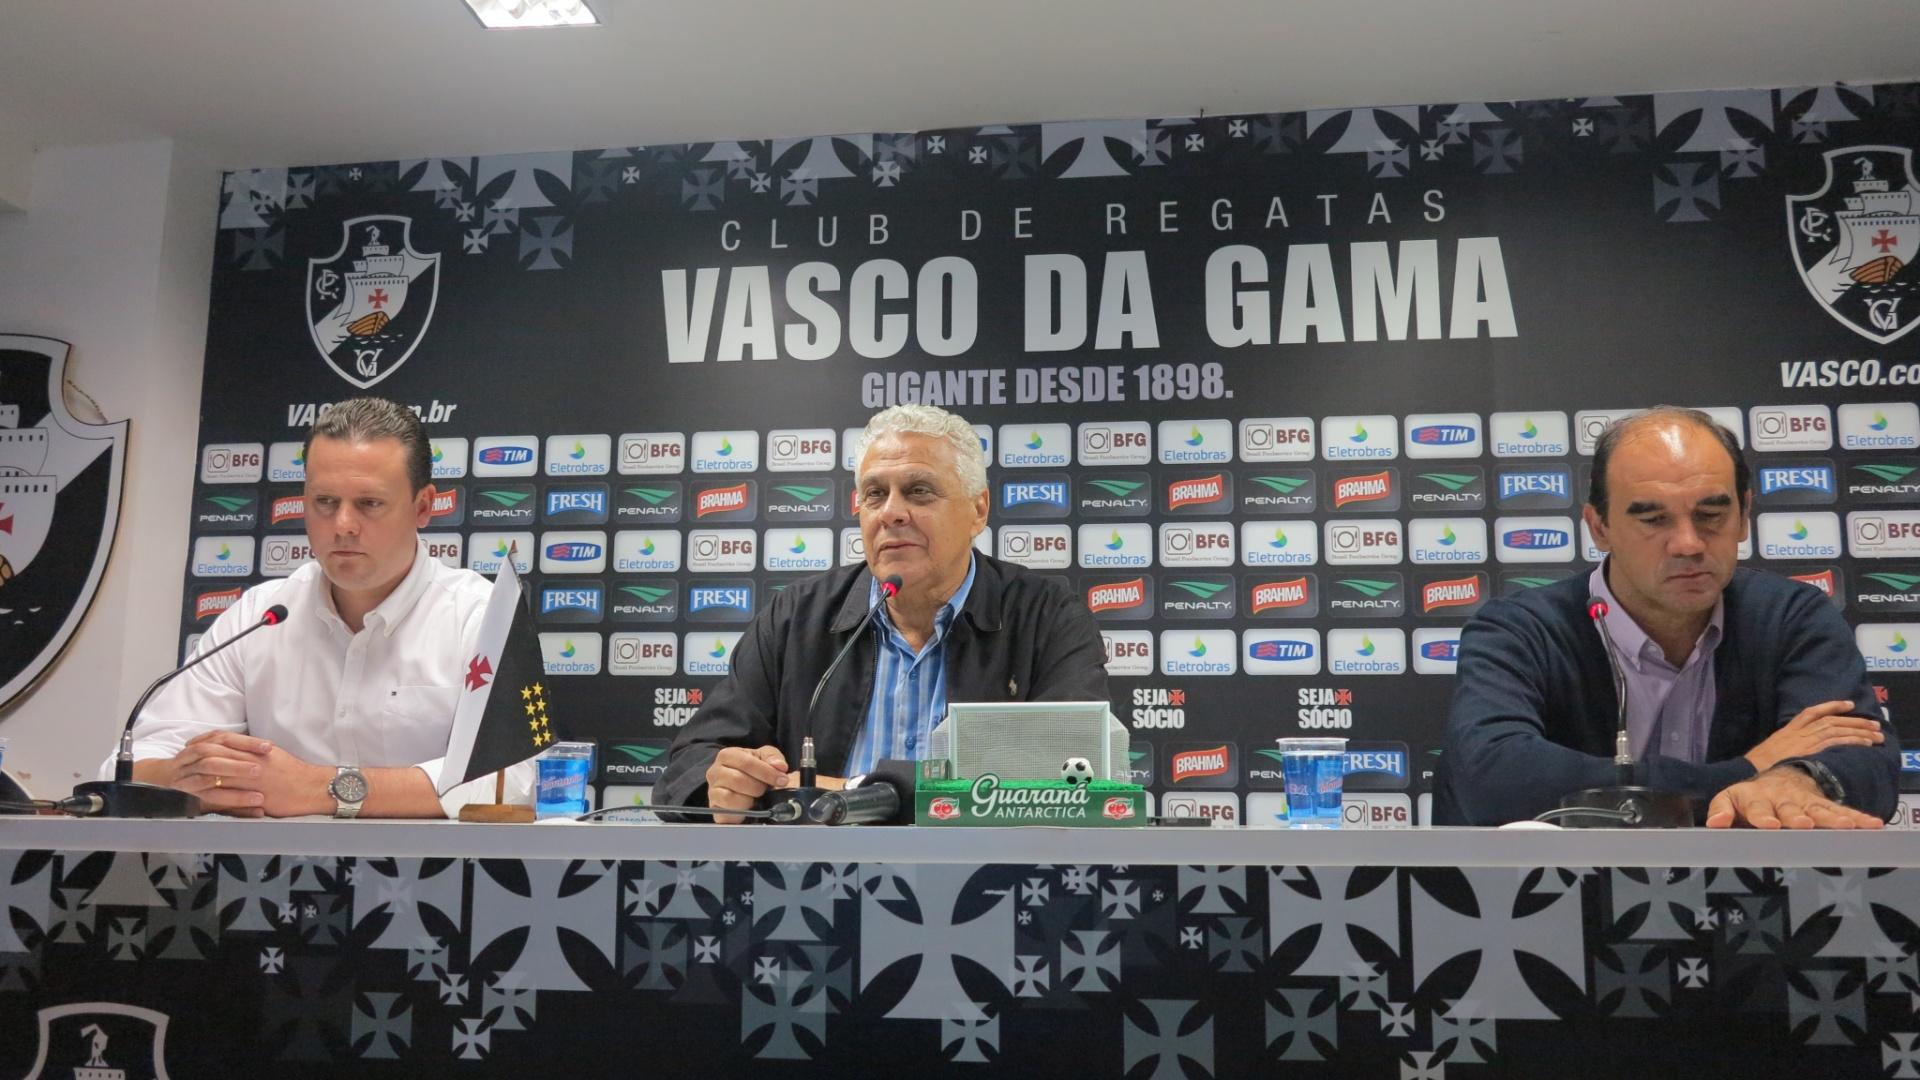 Diretoria do Vasco concede entrevista coletiva para falar sobre a saída do técnico Paulo Autuori (09/07/2013)